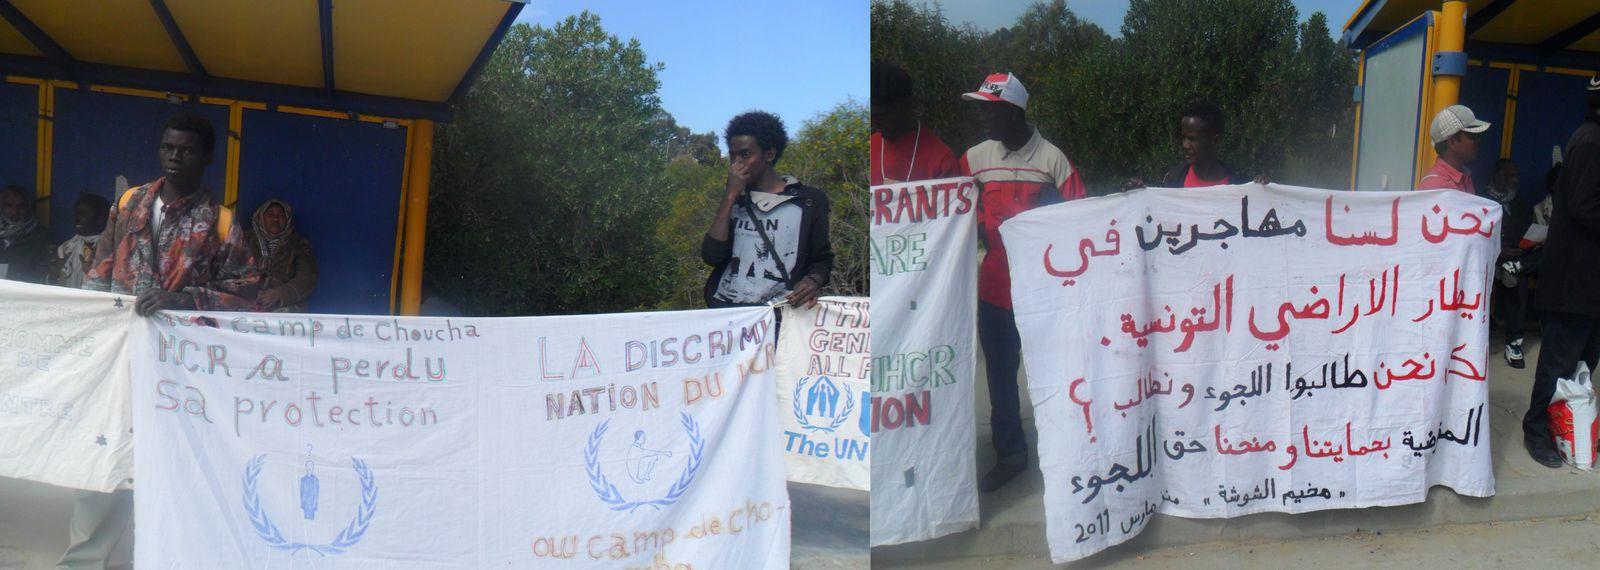 Blog de makaila: Interview avec un réfugié tchadien du camp de Choucha en Tunisie